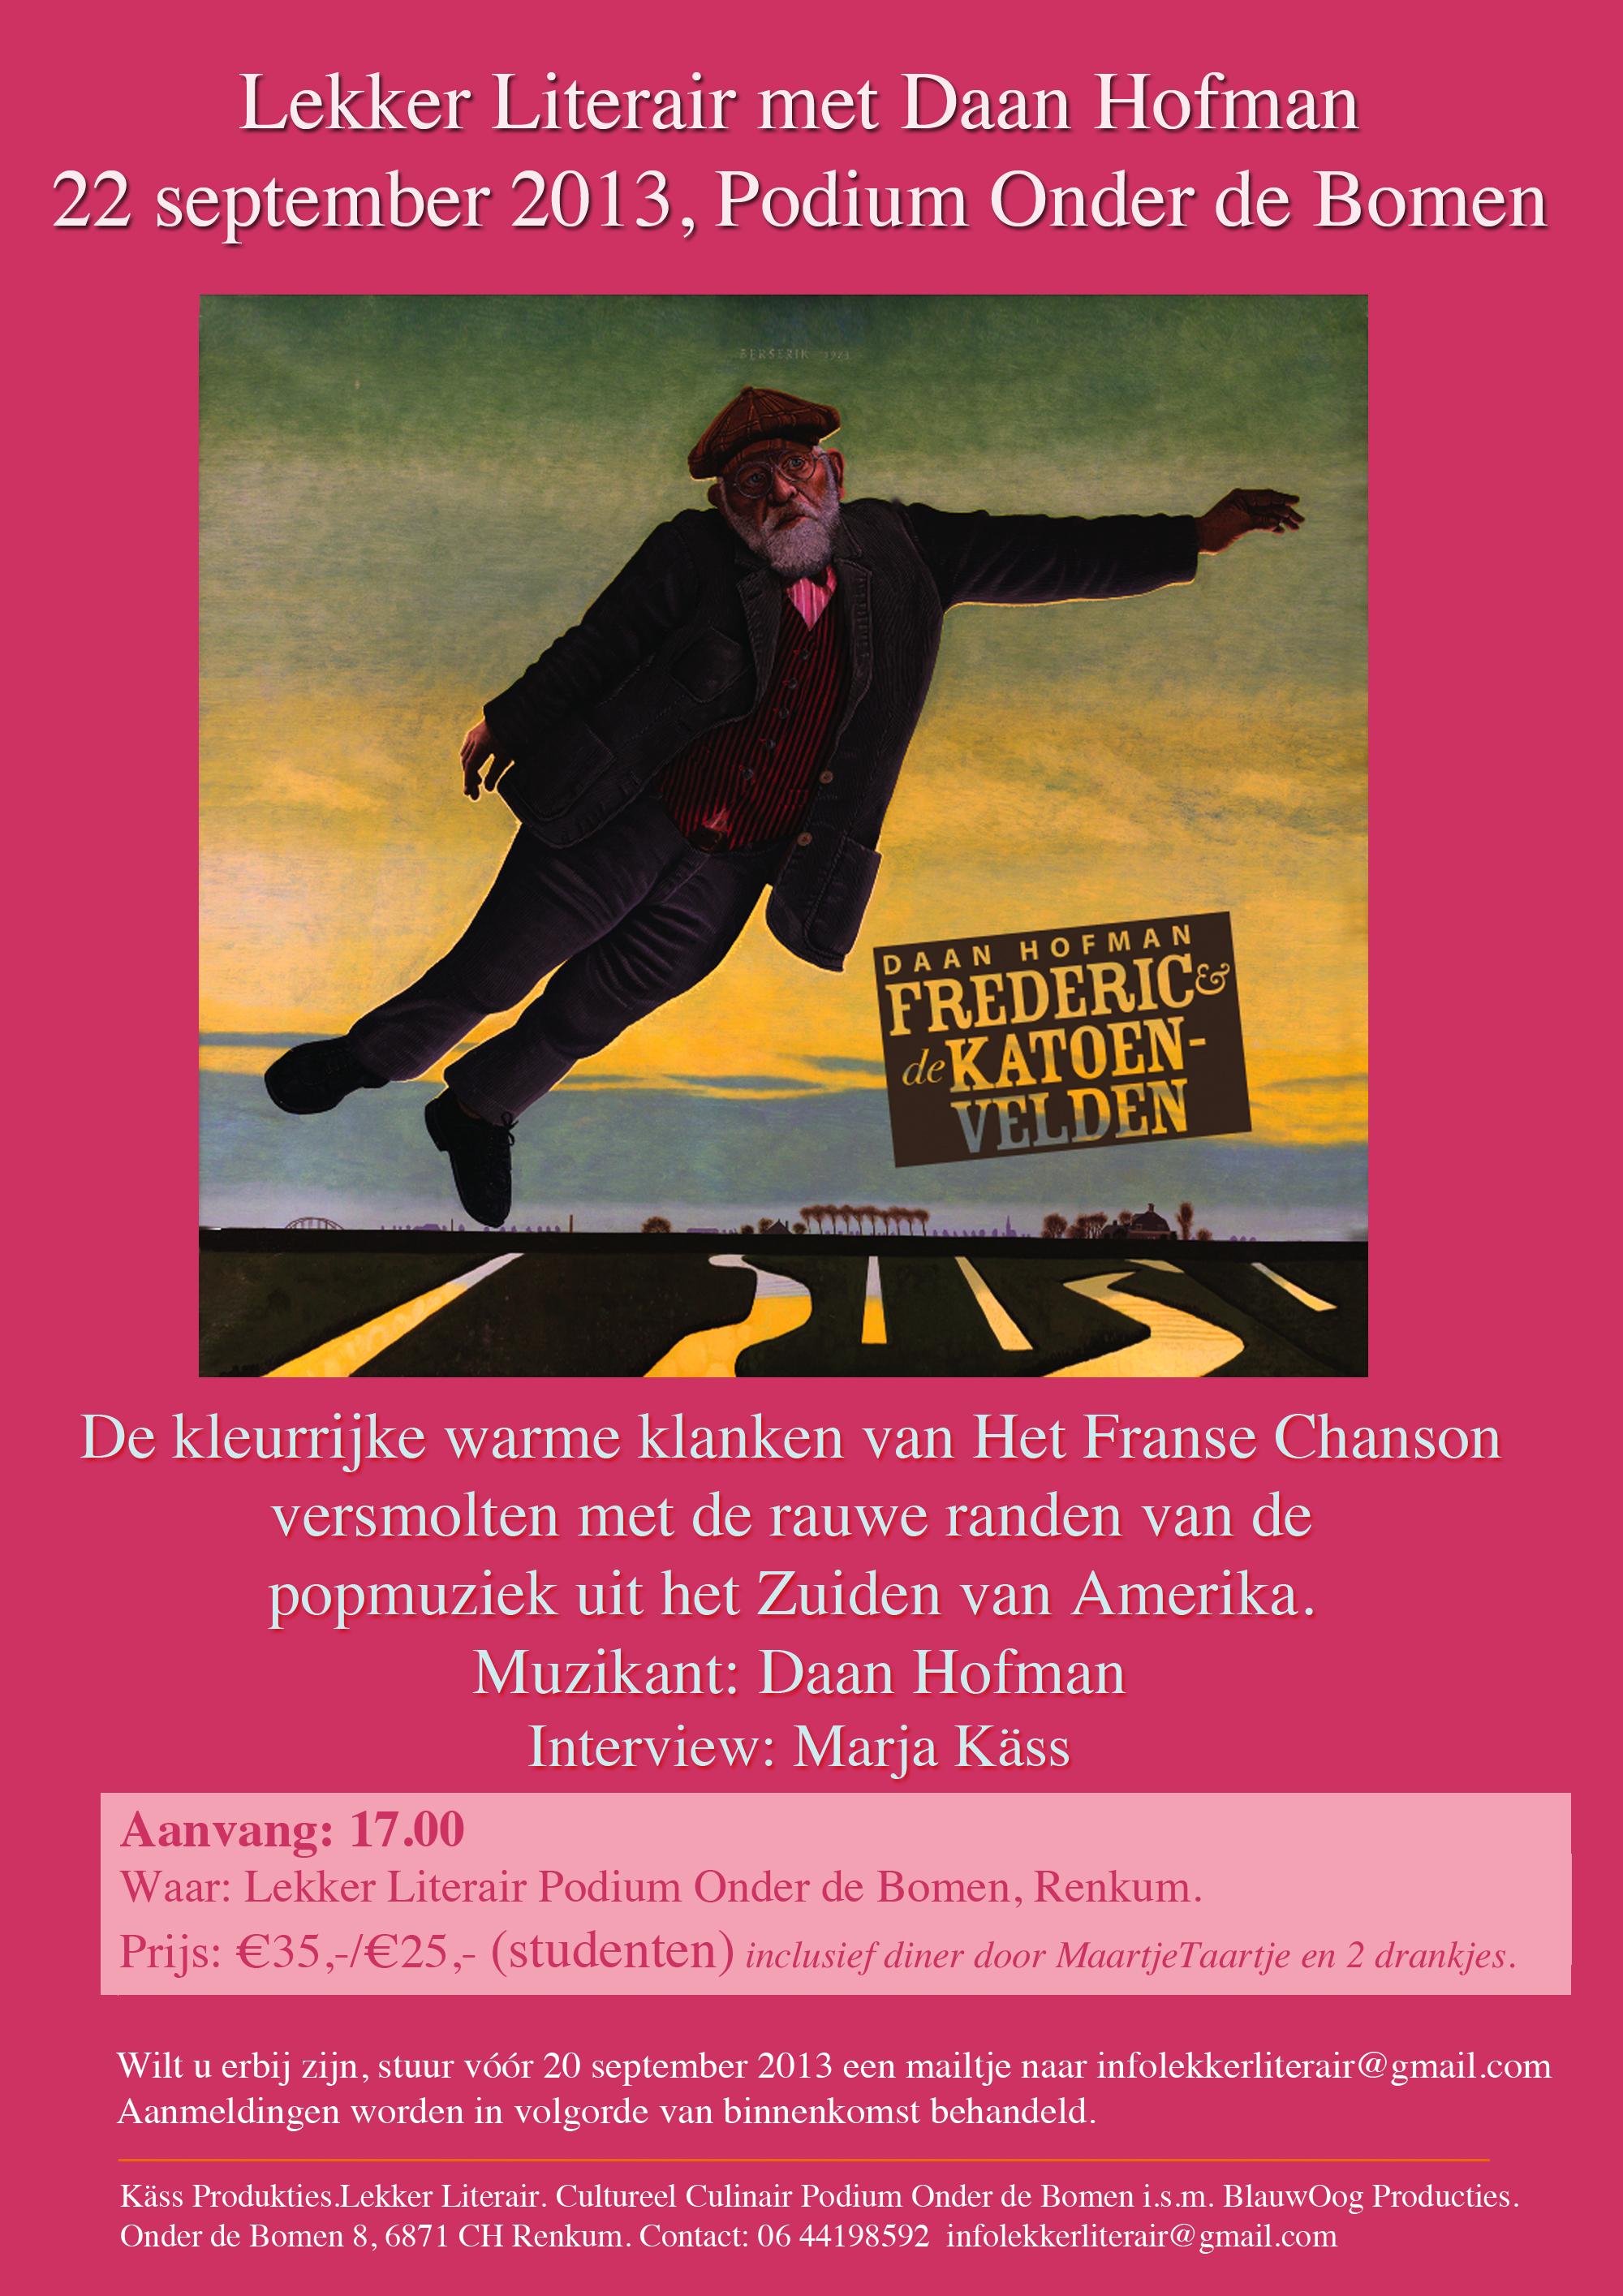 Uitnodiging Lekker Literair met Frederic en de katoenvelden_1